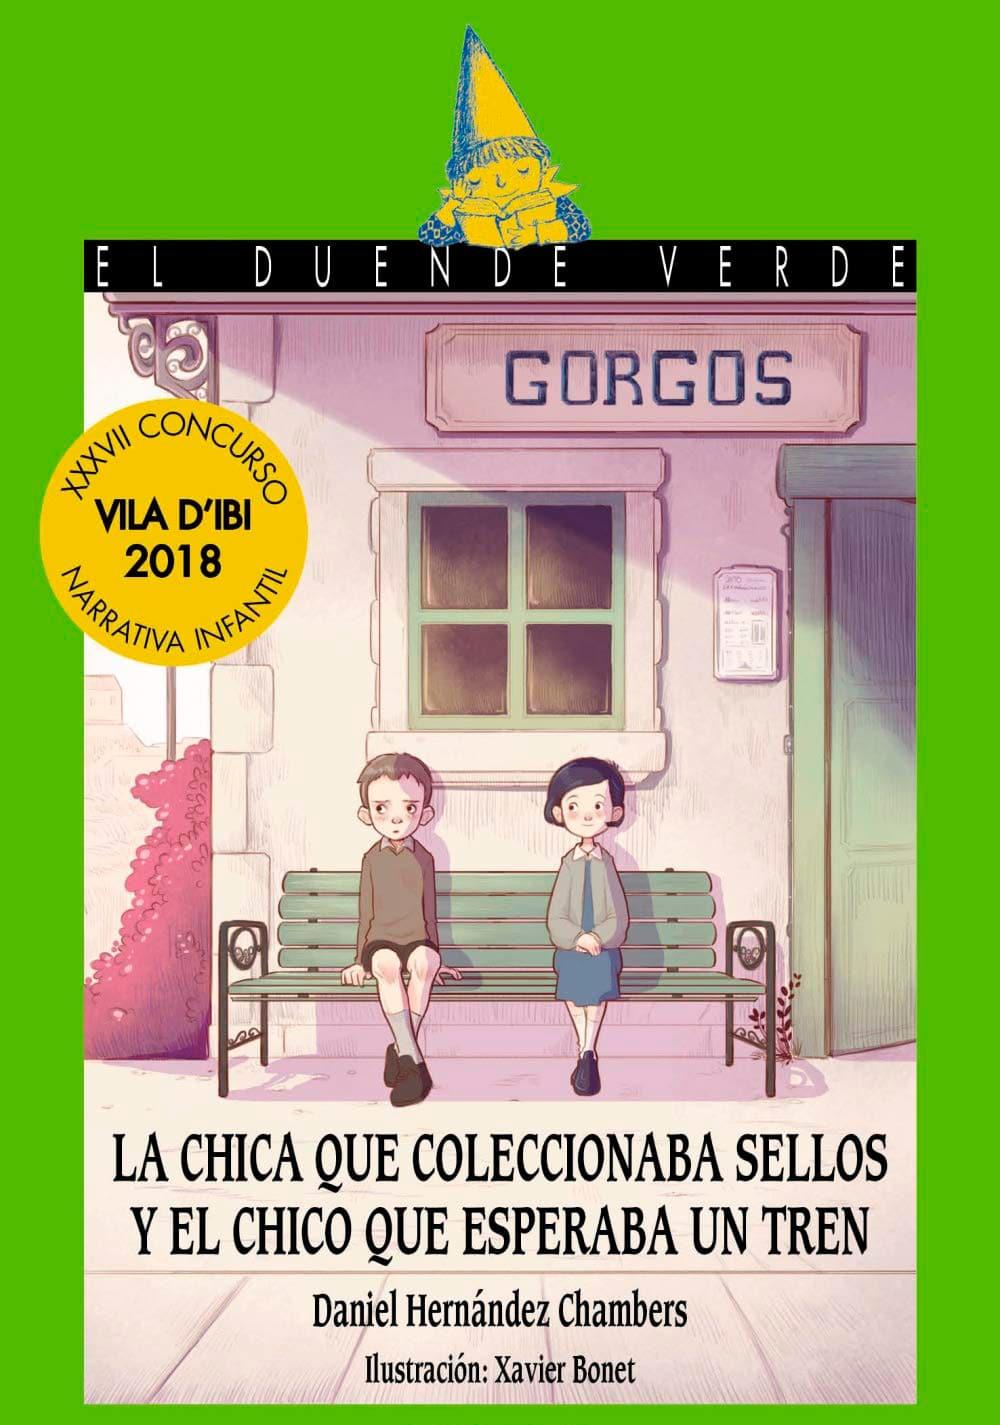 Libro infantil 2020 La chica que coleccionaba sellos y el chico que esperaba un tren, de Daniel Hernández Chambers